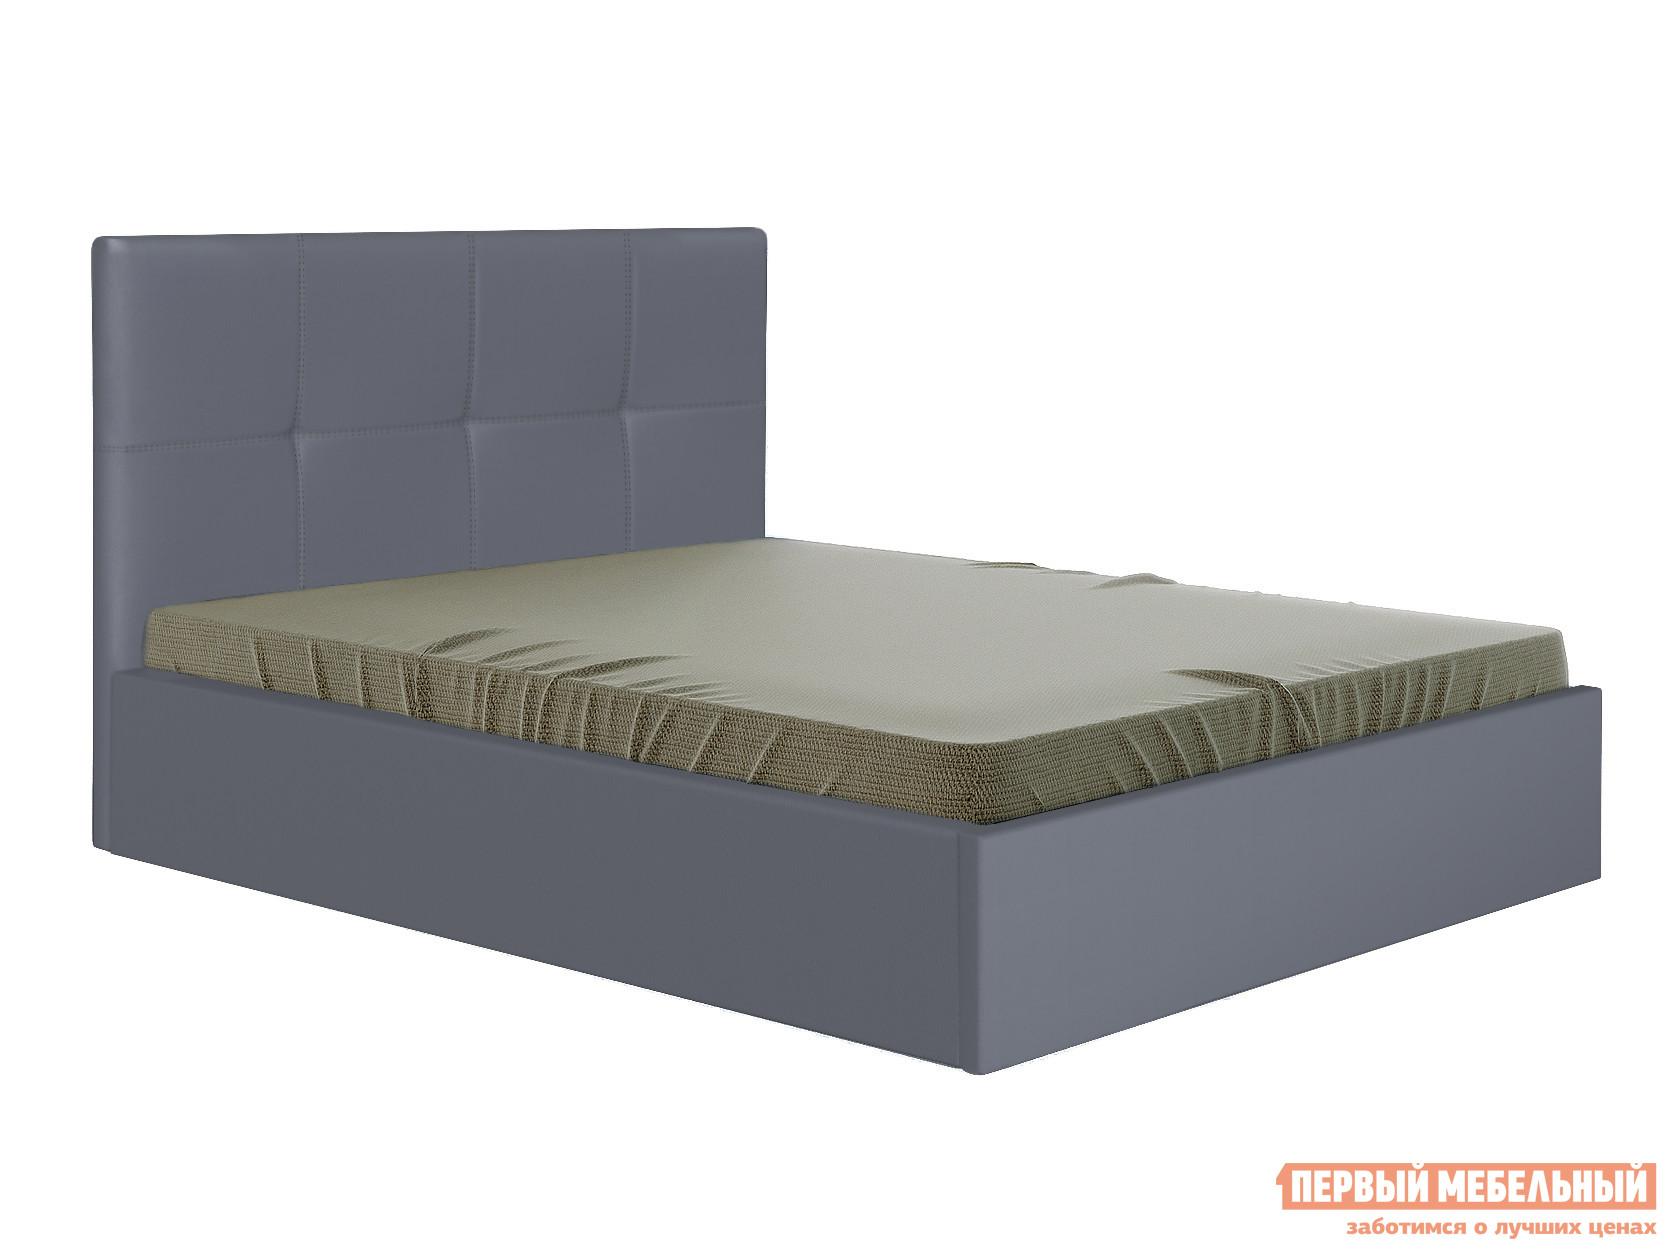 Двуспальная кровать  Верда 160х200 см, Серый, экокожа